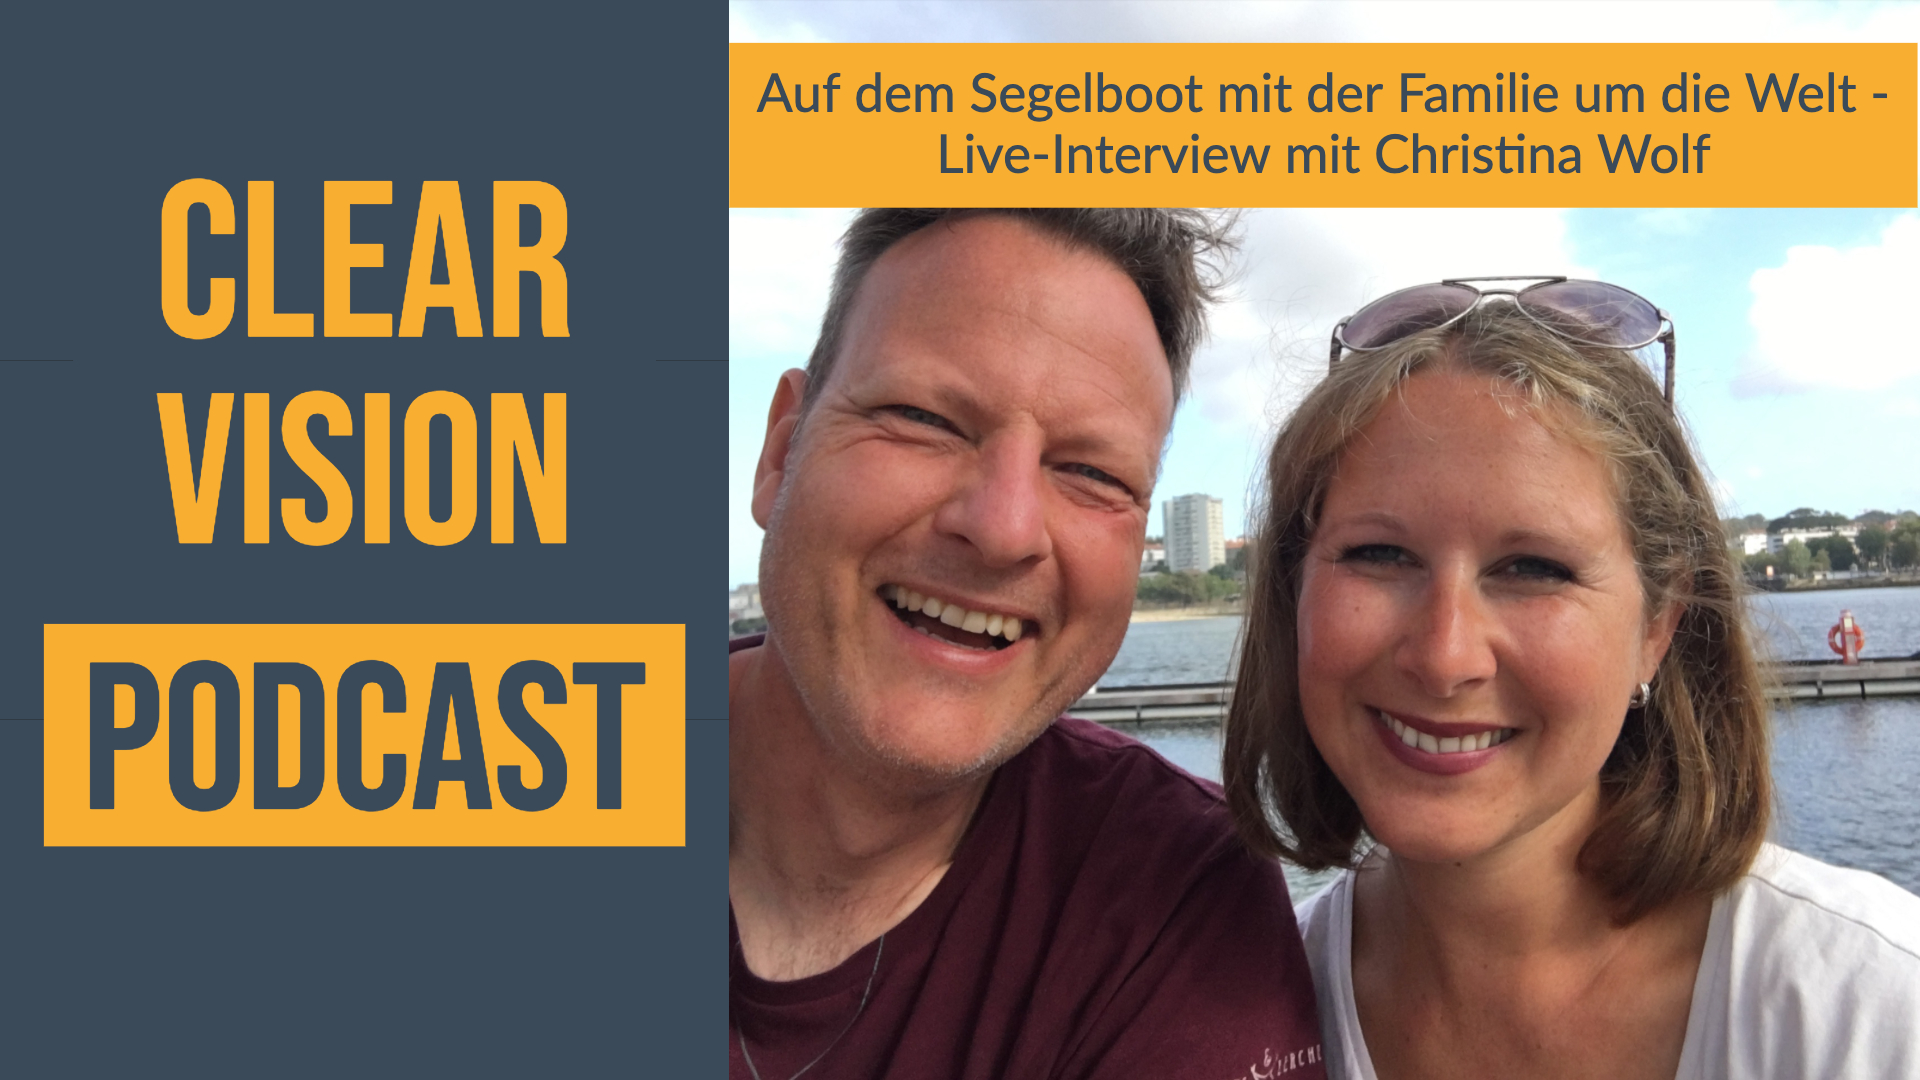 Christina Wolf lebt mit ihrer Familie auf einem Segelboot